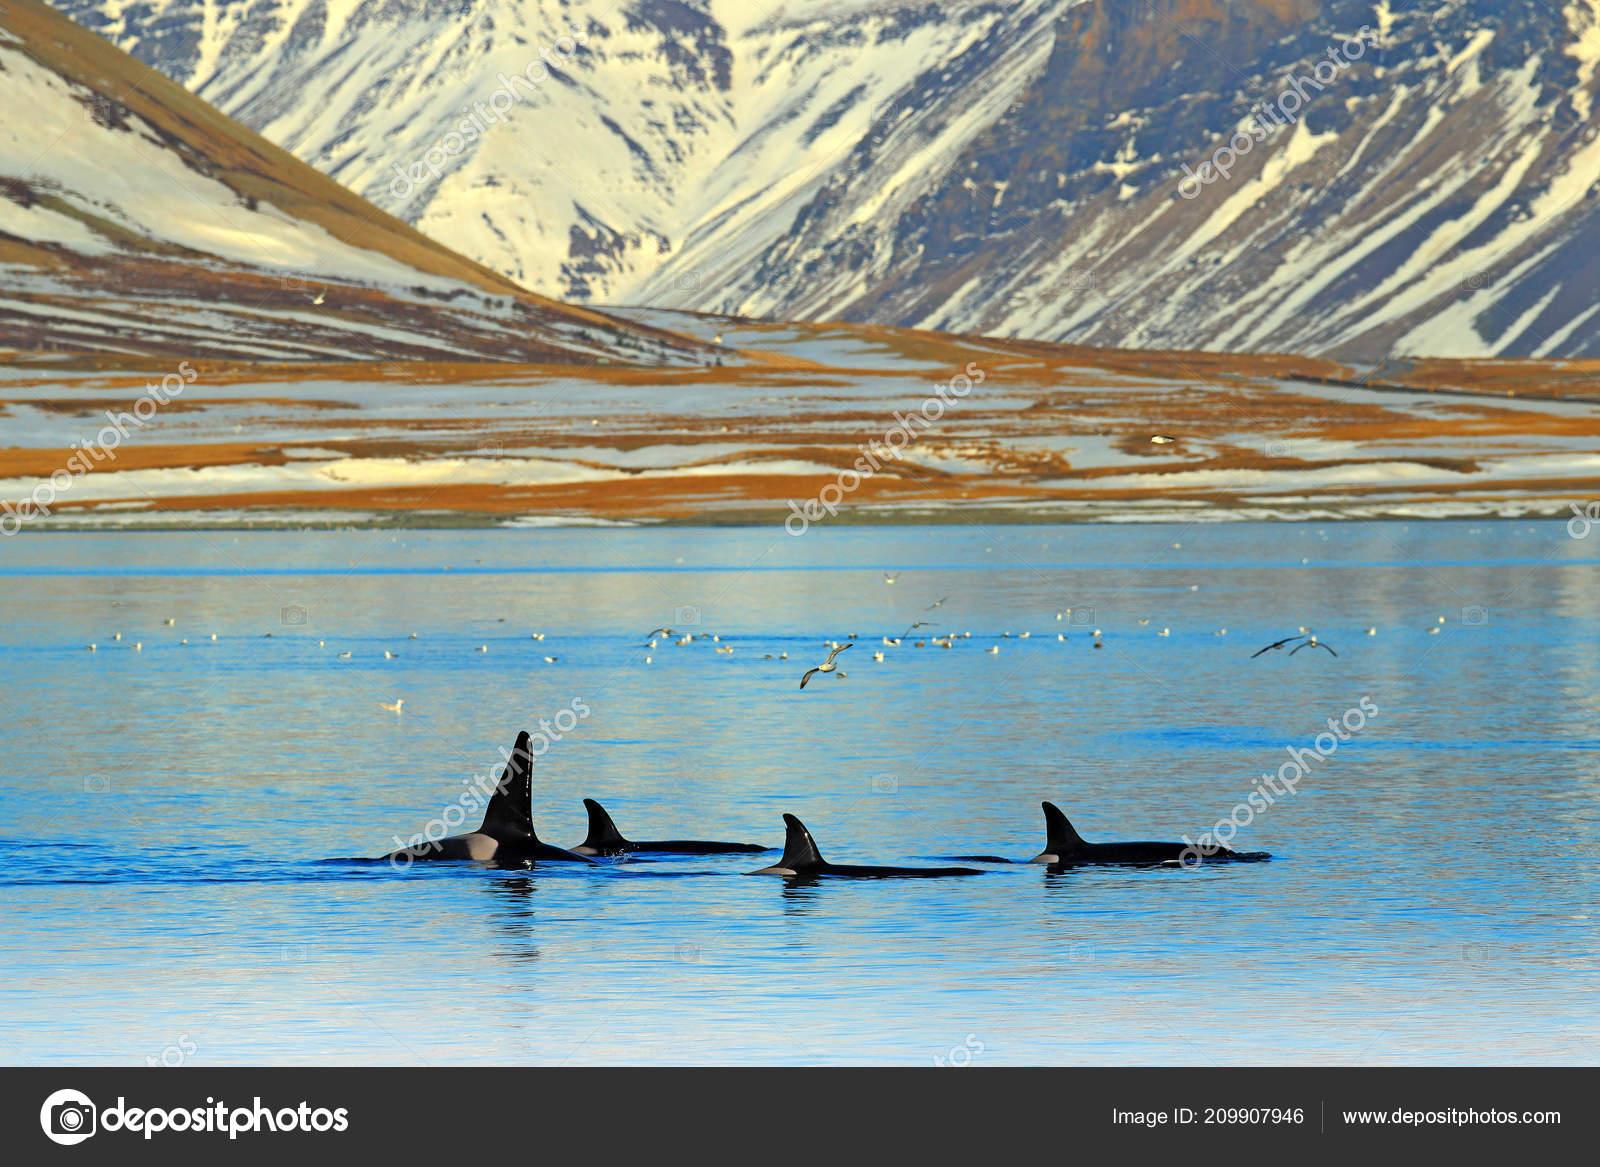 Гифка животные снег дельфин гиф картинка, скачать анимированный.